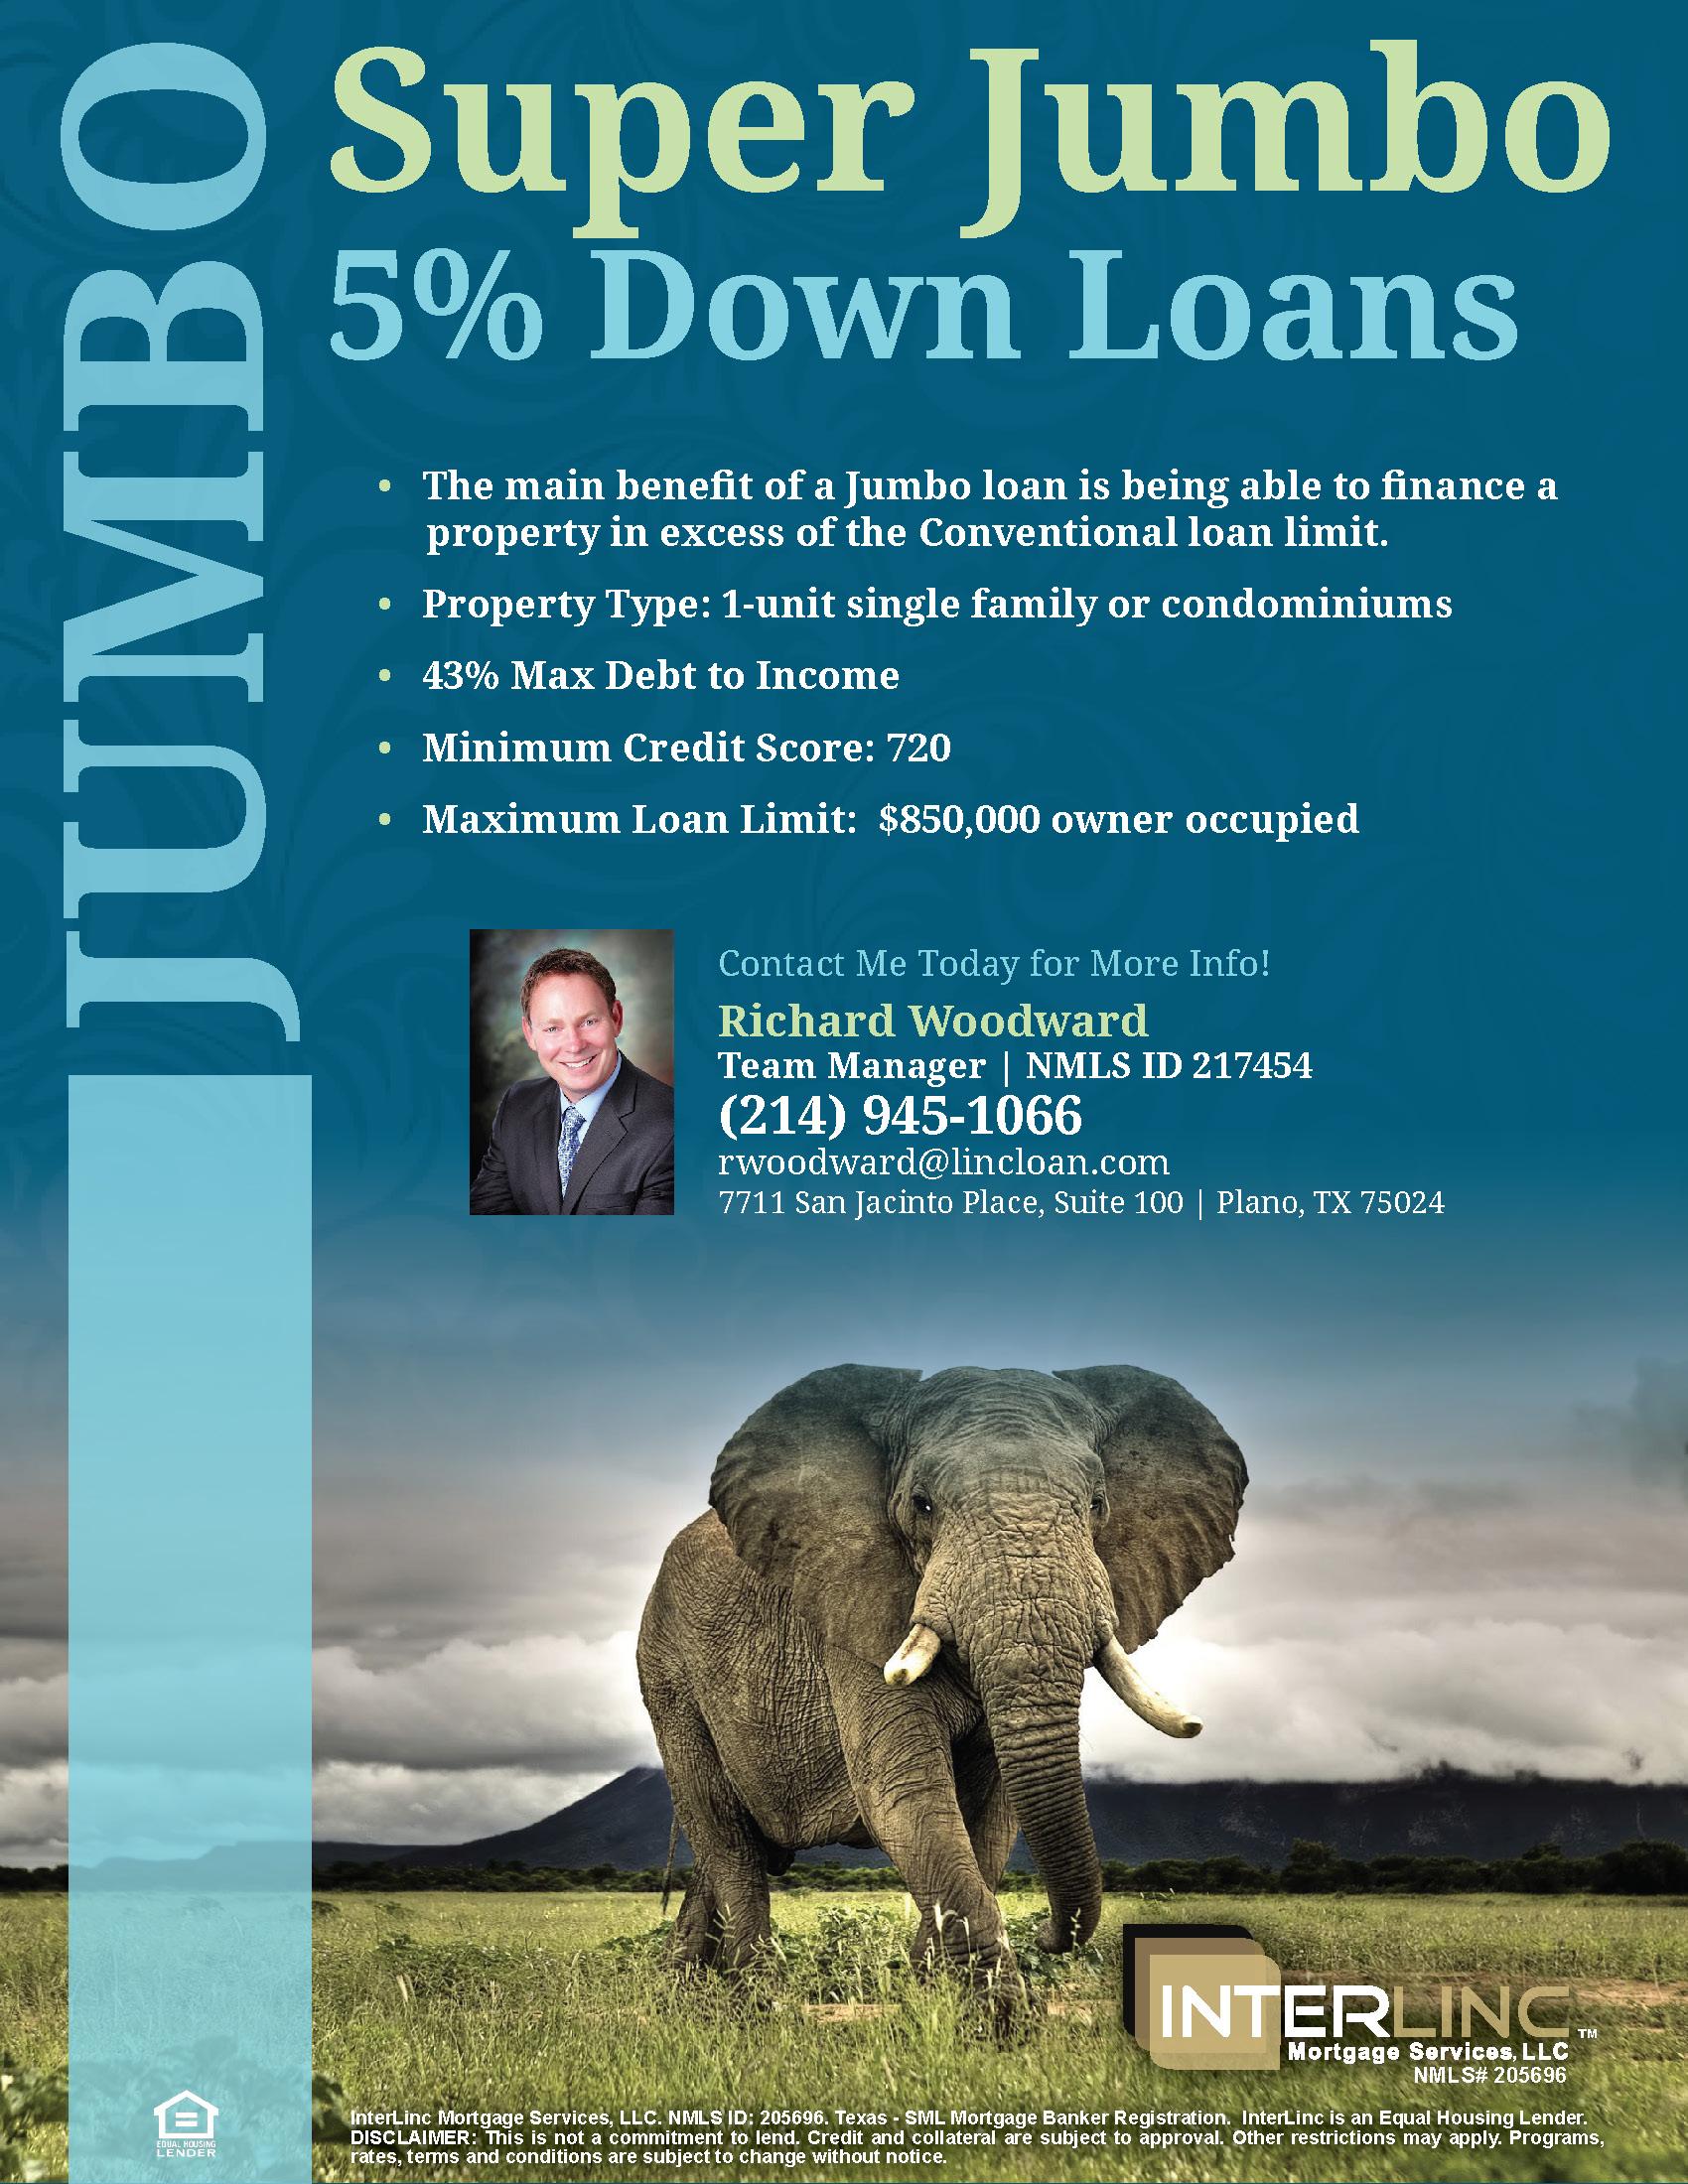 5% Down Jumbo Mortgage For Texas Home Buyers